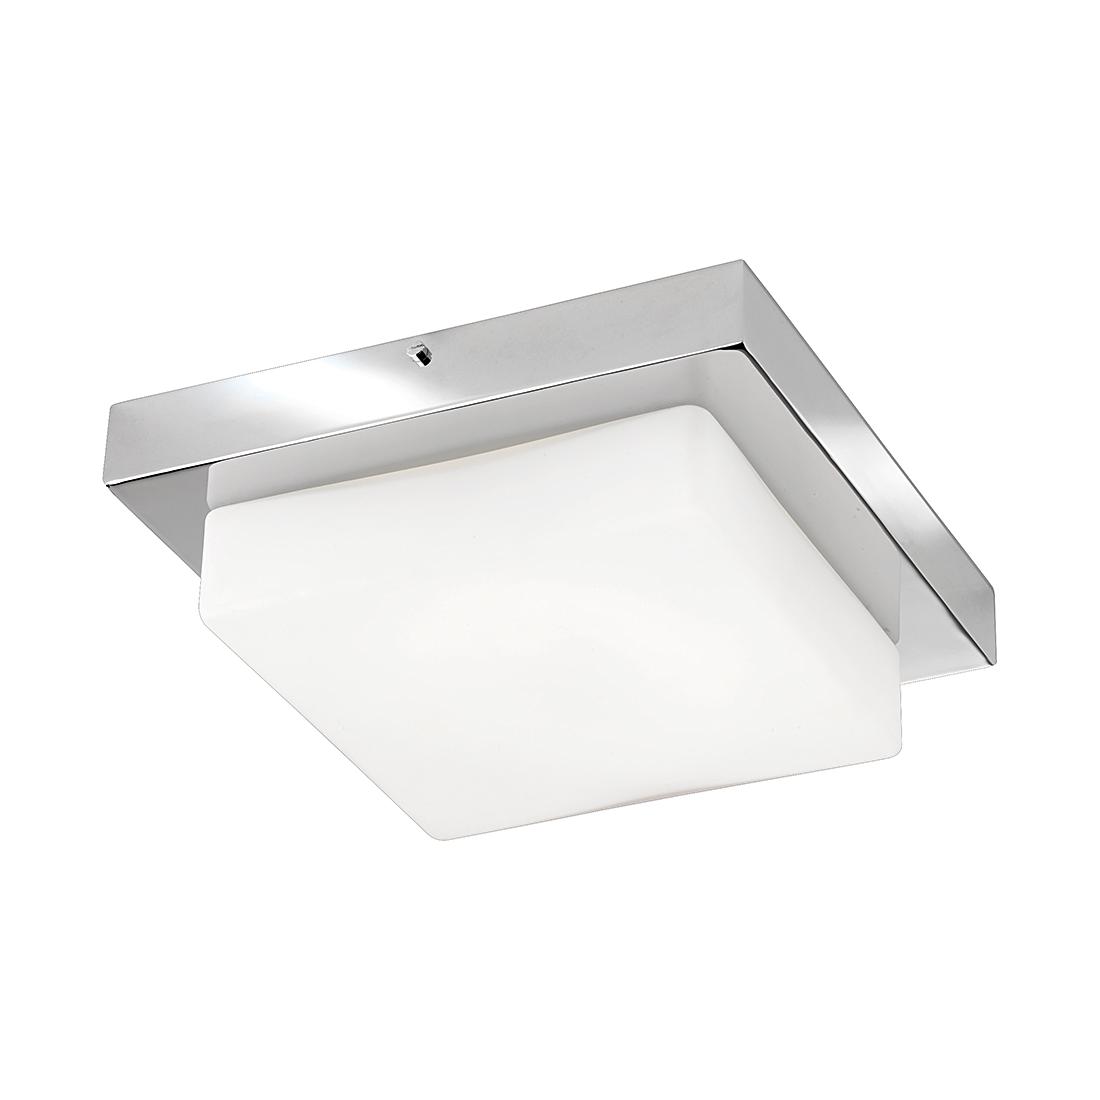 Trio c led lampe d extrieur yukon socle - Plafonnier salle de bain led ...